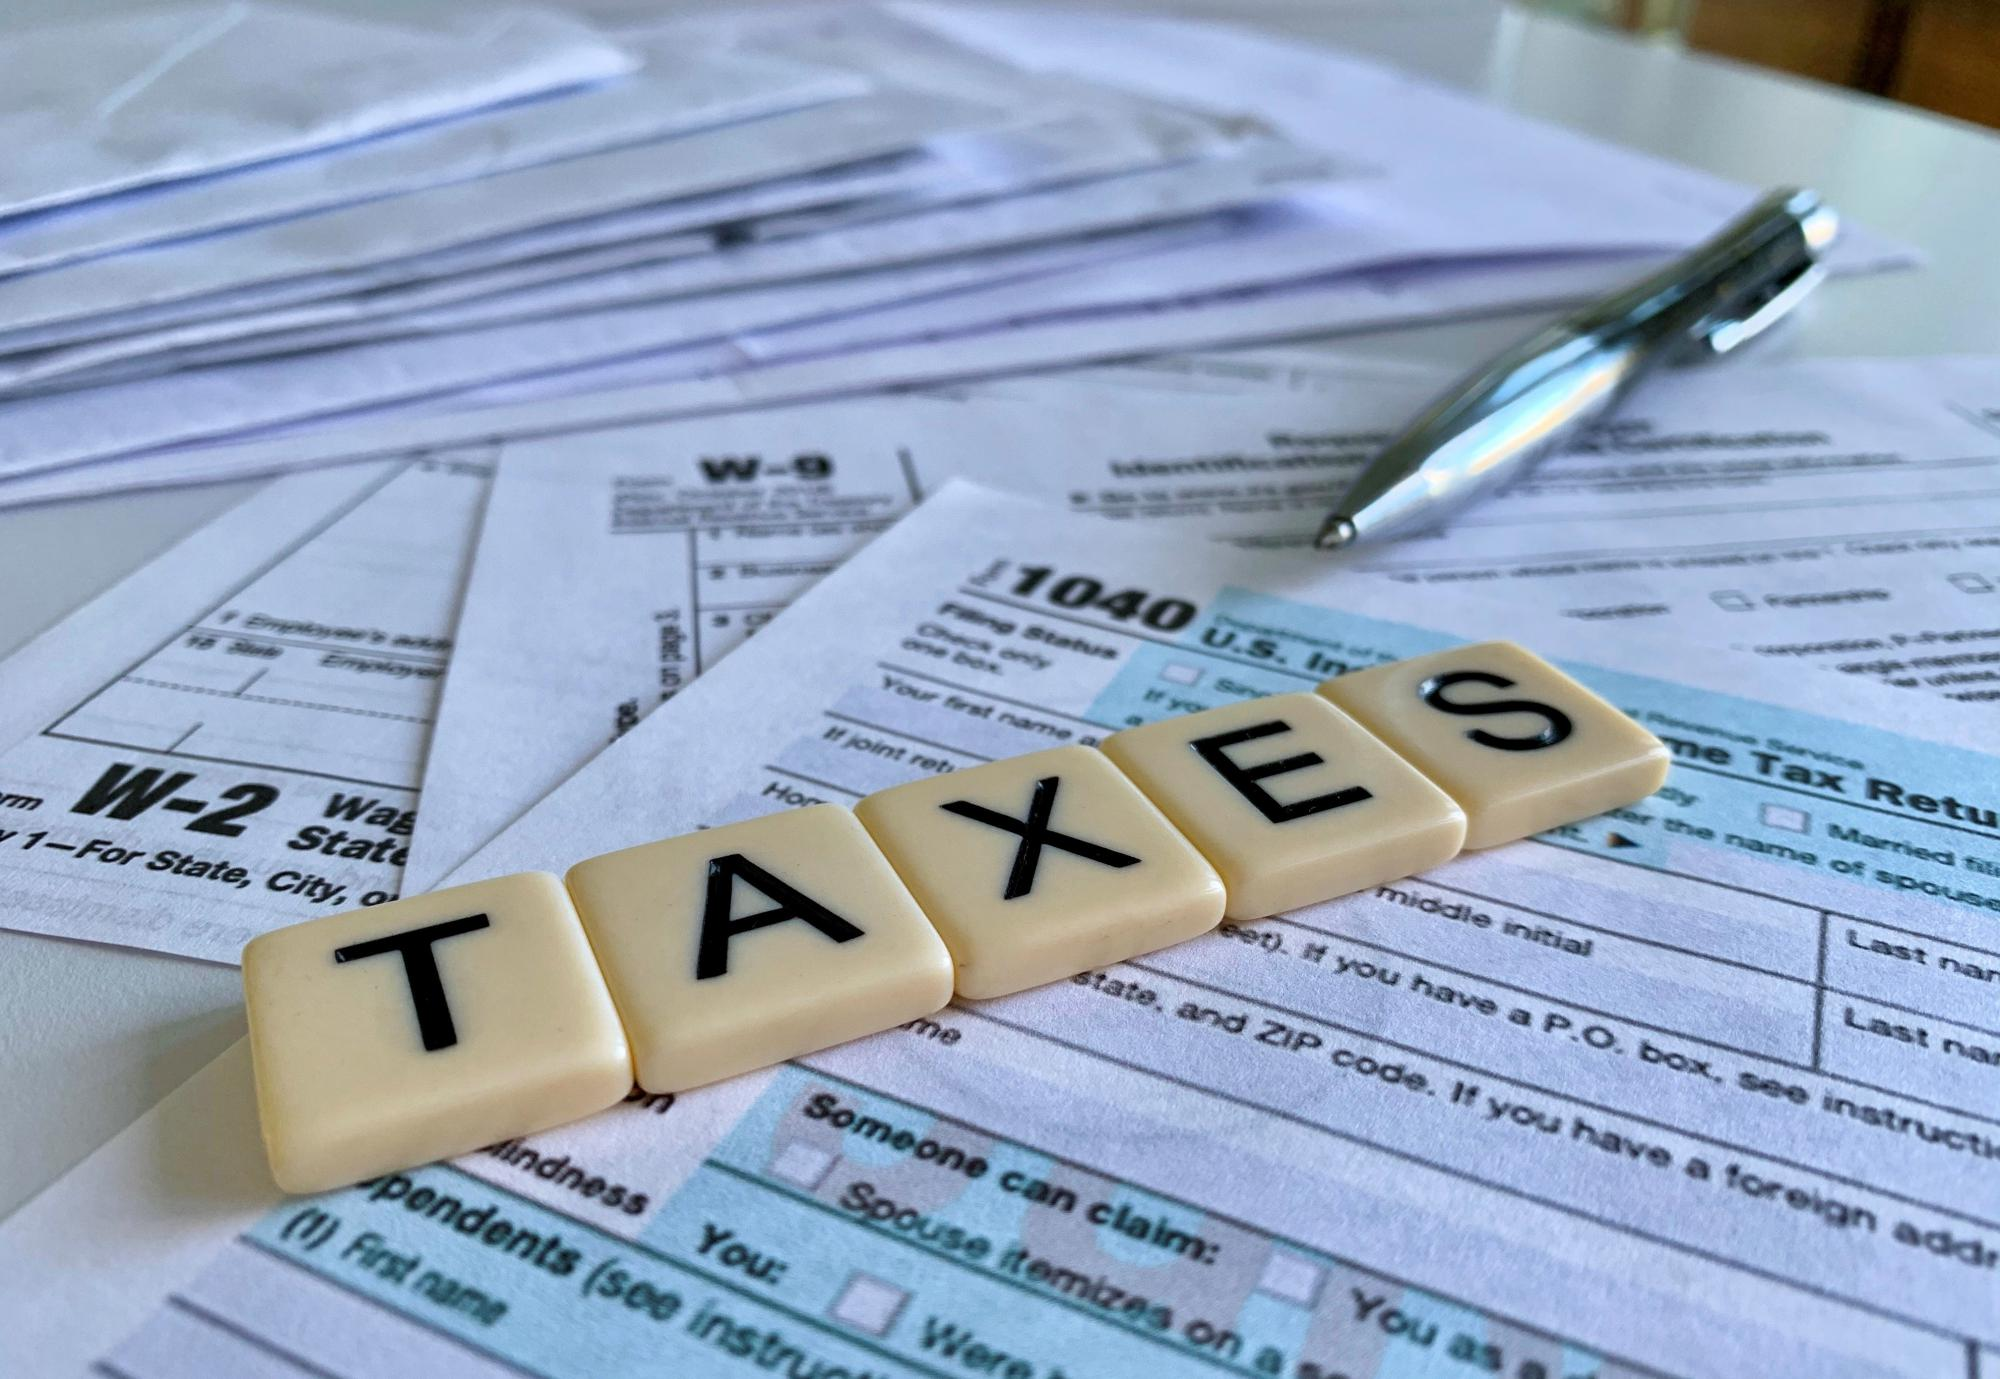 Налог на движимое имущество организаций в 2019 году отменён, но вопросы остались